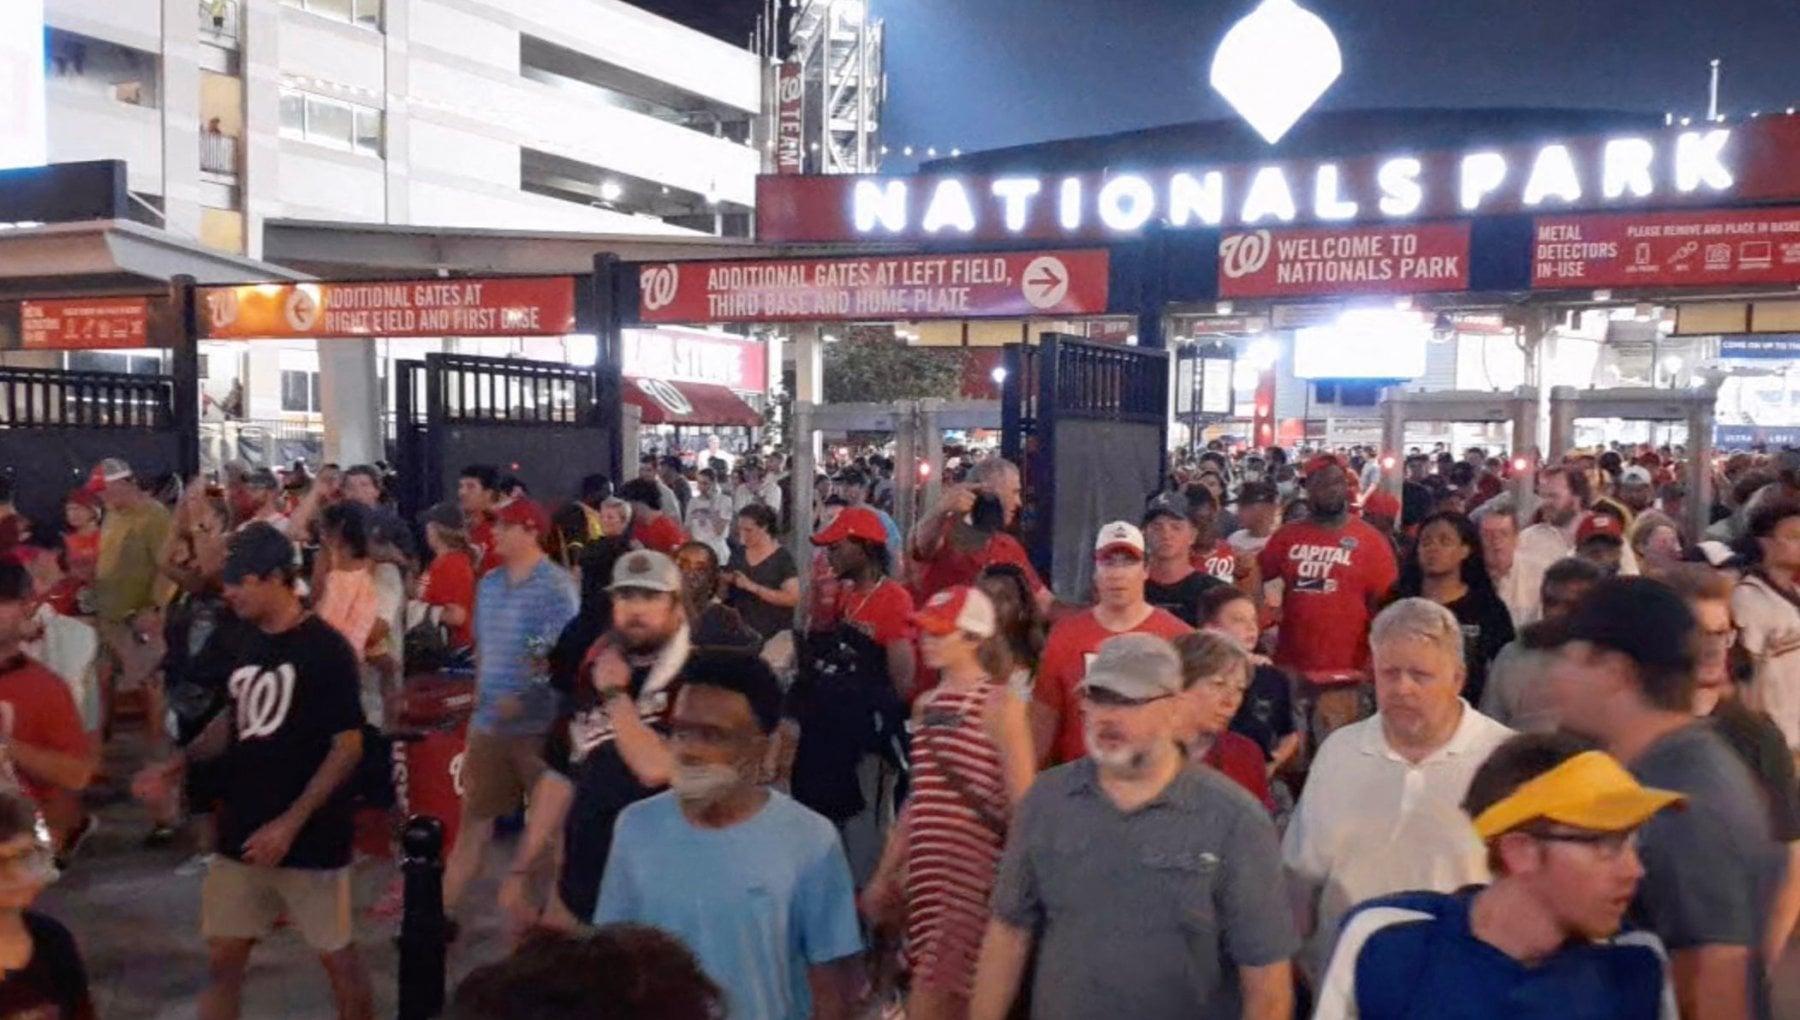 190608396 cb69ccc9 a65a 4375 b369 a5f42a98fe49 - Allarme violenza in Usa: partita sospesa dopo gli spari davanti allo stadio di Washington